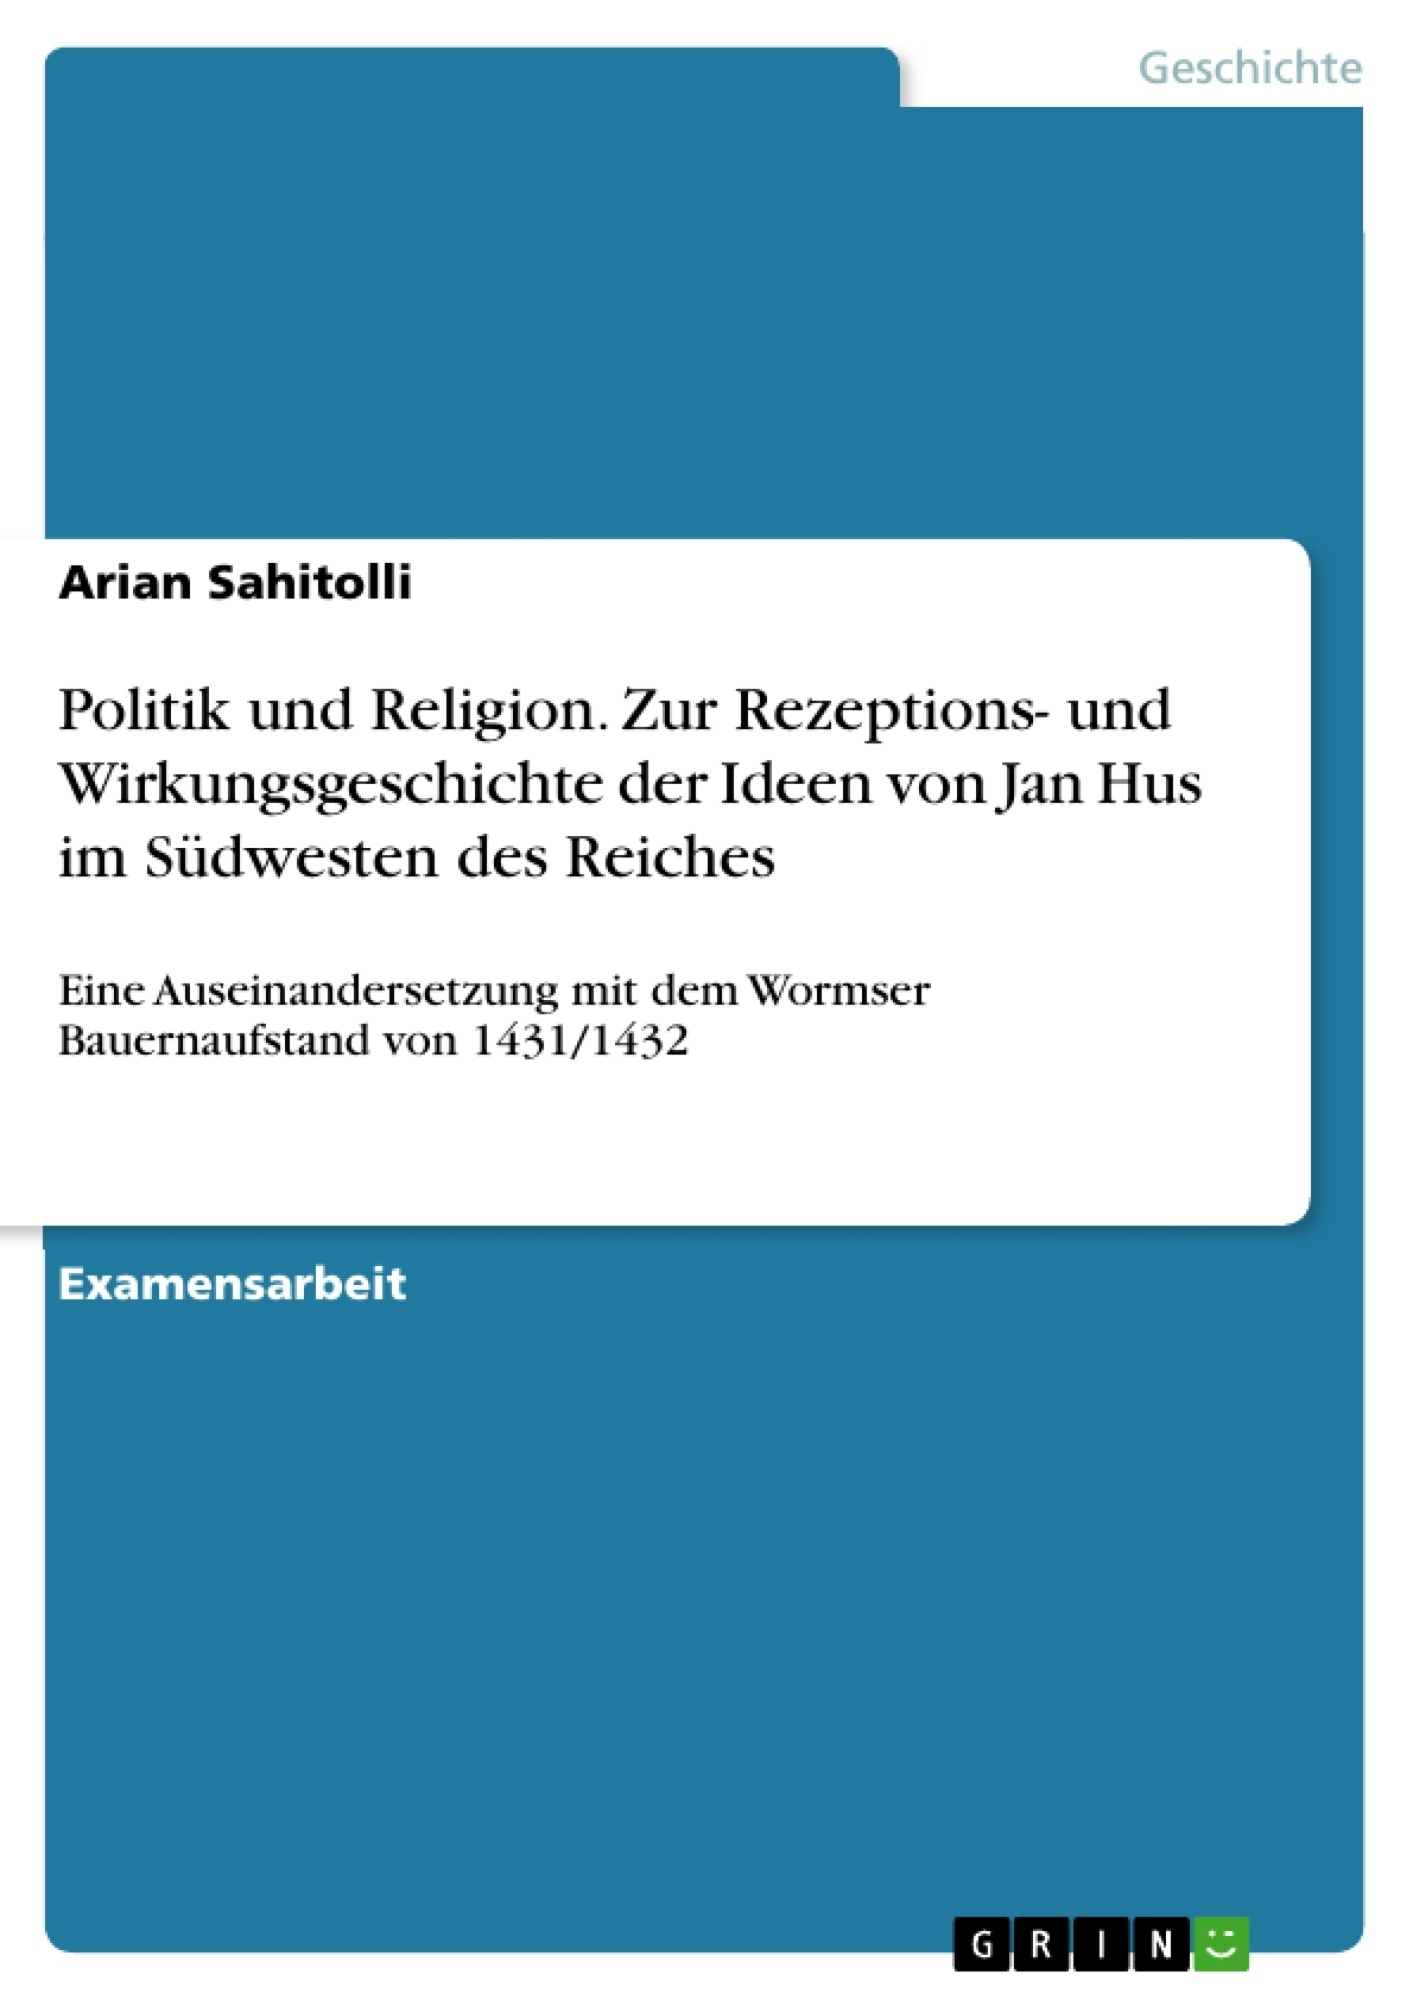 Titel: Politik und Religion. Zur Rezeptions- und Wirkungsgeschichte der Ideen von Jan Hus im Südwesten des Reiches